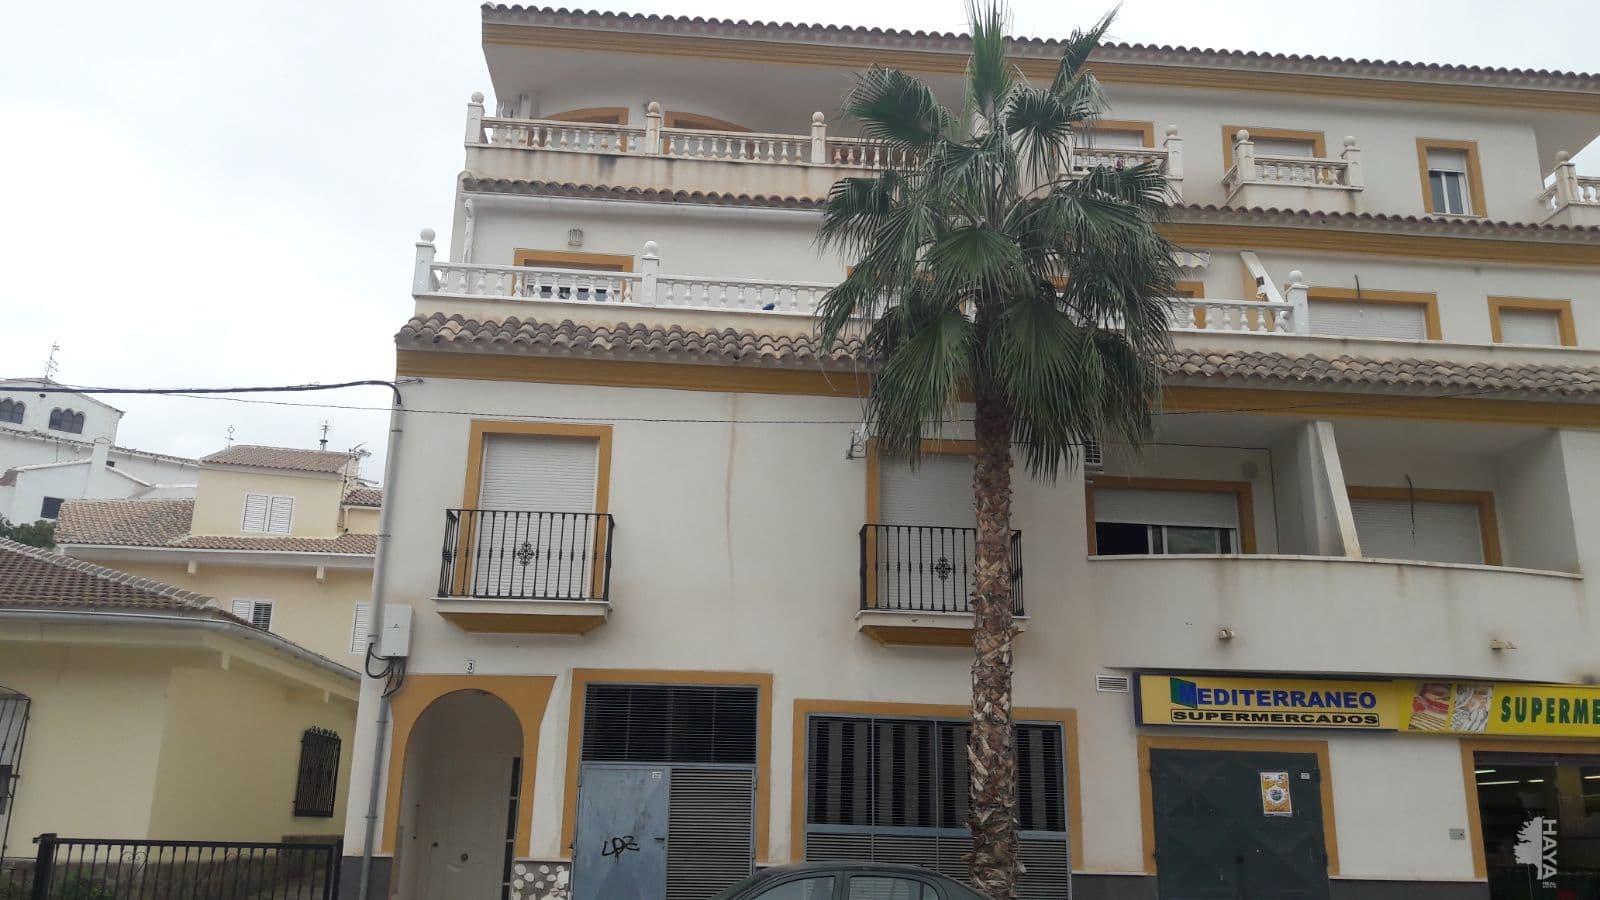 Piso en venta en Zurgena, Almería, Calle 19 de Octubre, 55.500 €, 8 habitaciones, 3 baños, 110 m2